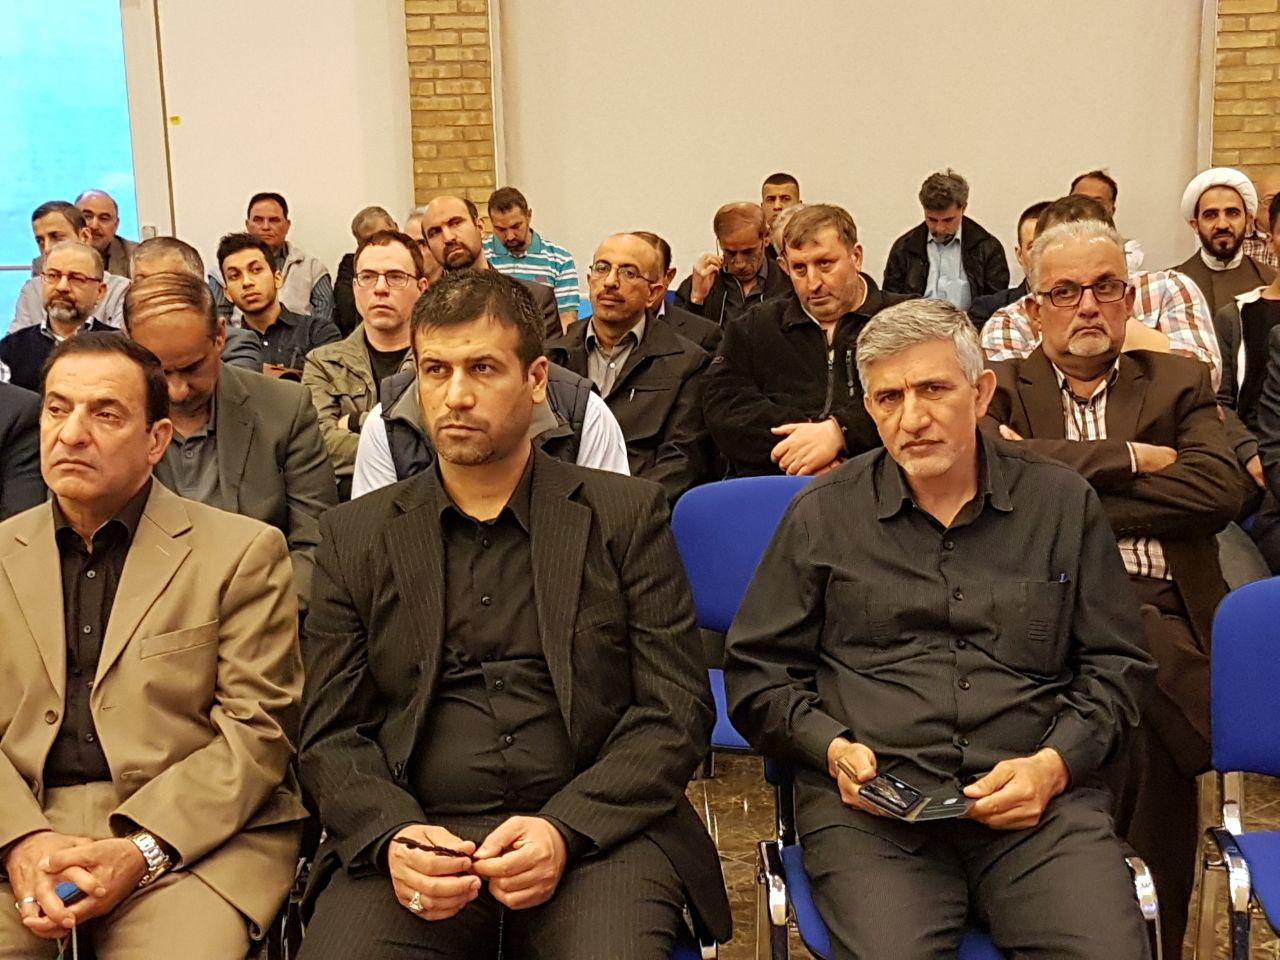 مراسم بزرگداشت ارتحال امام خمینی(ره) در دانمارک